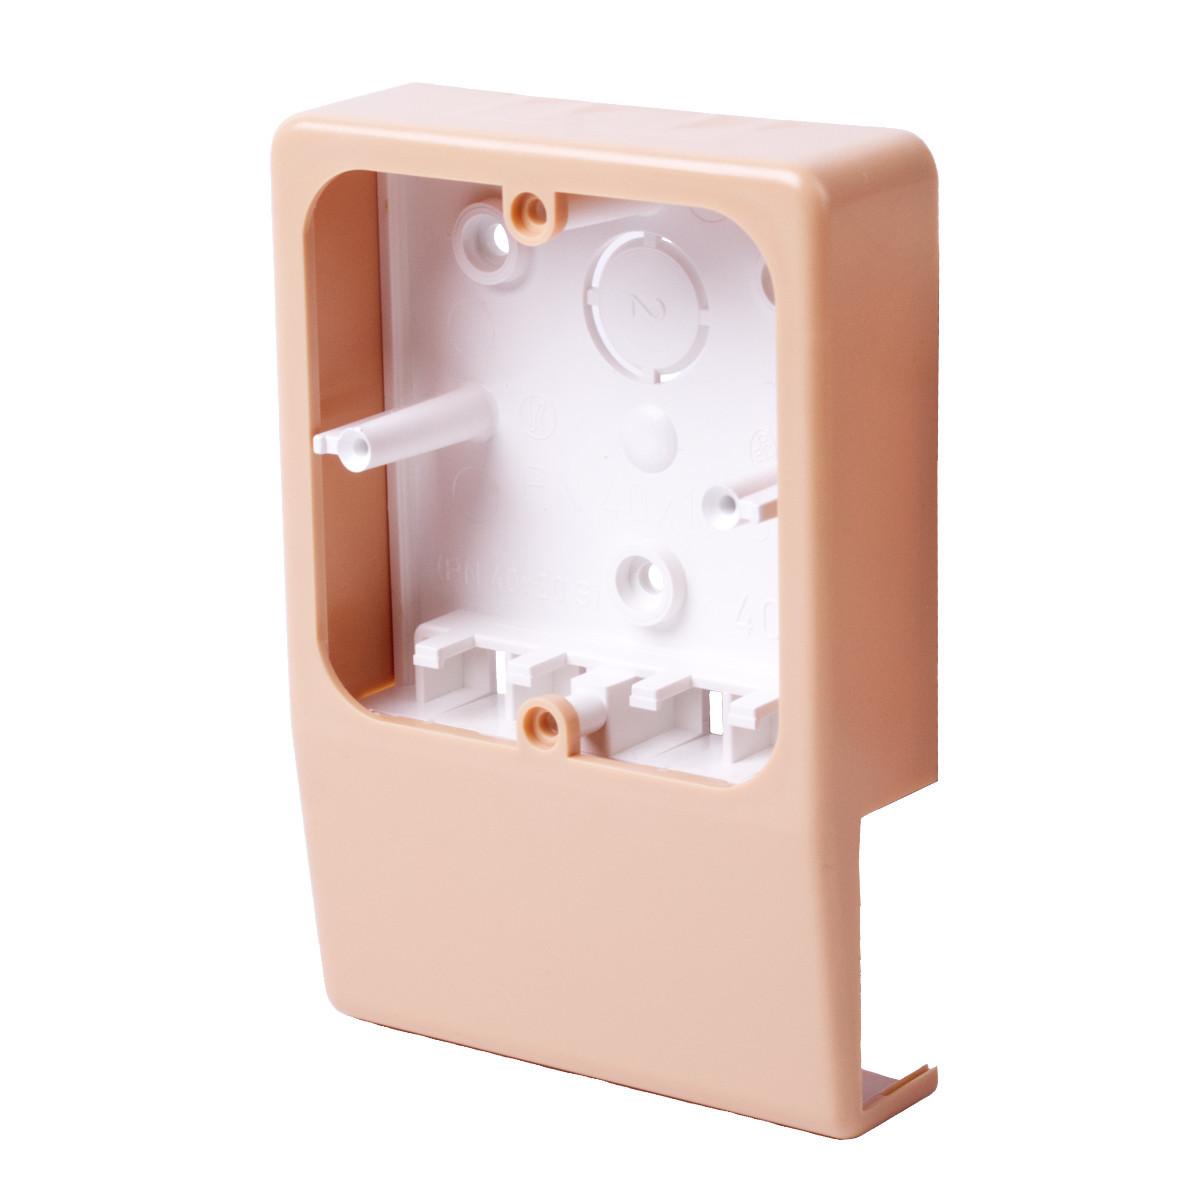 Приладовий носій для  кабельних каналів LV 40x15 (береза рожева)